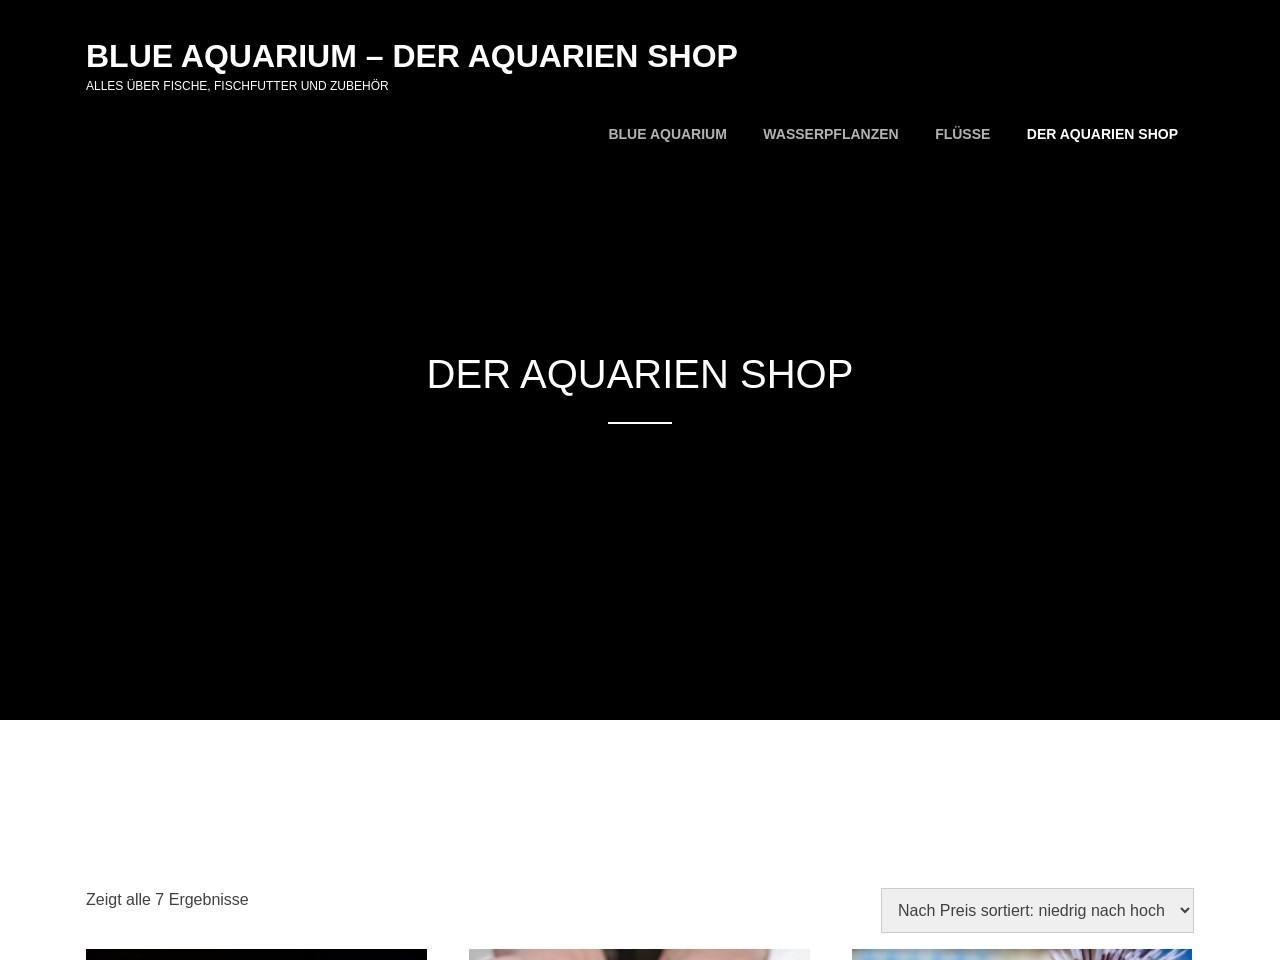 https://blue-aquarium.de/blutsalmler/